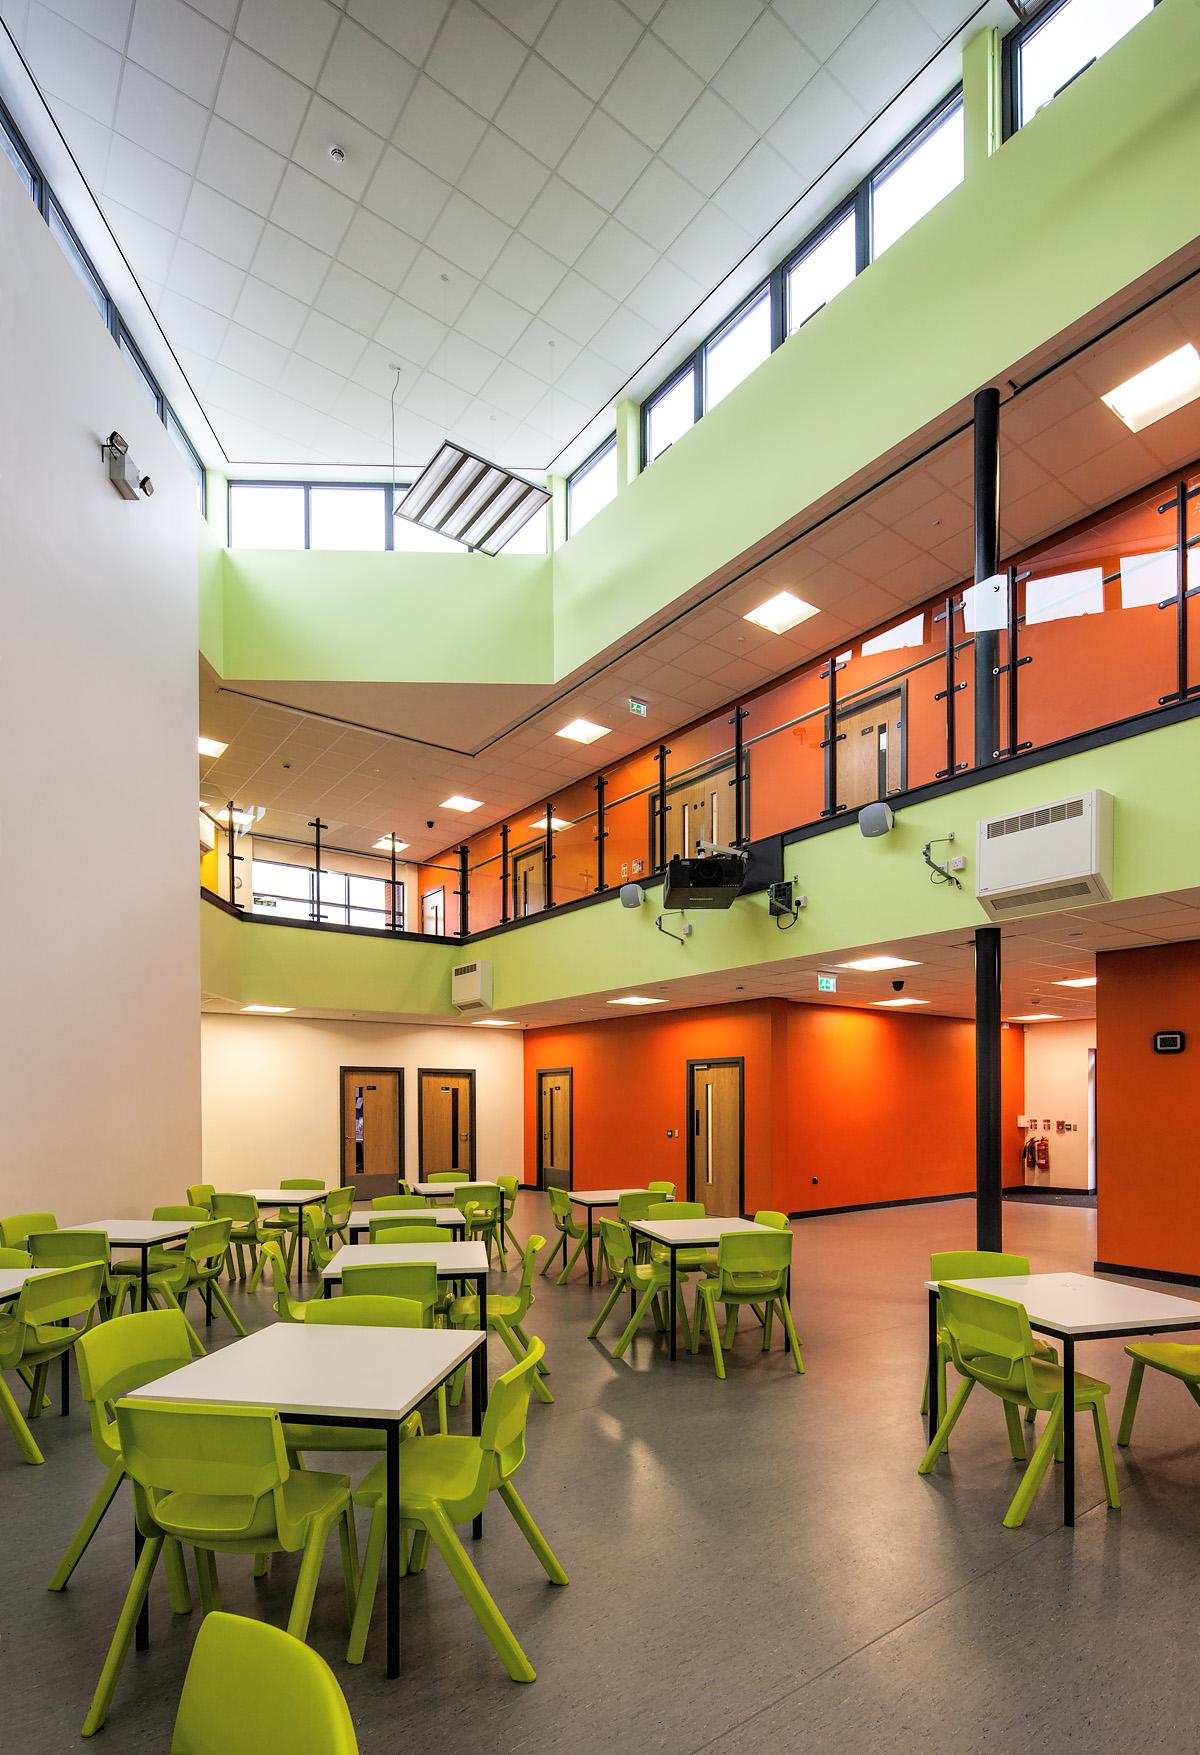 Open hallway in new school building